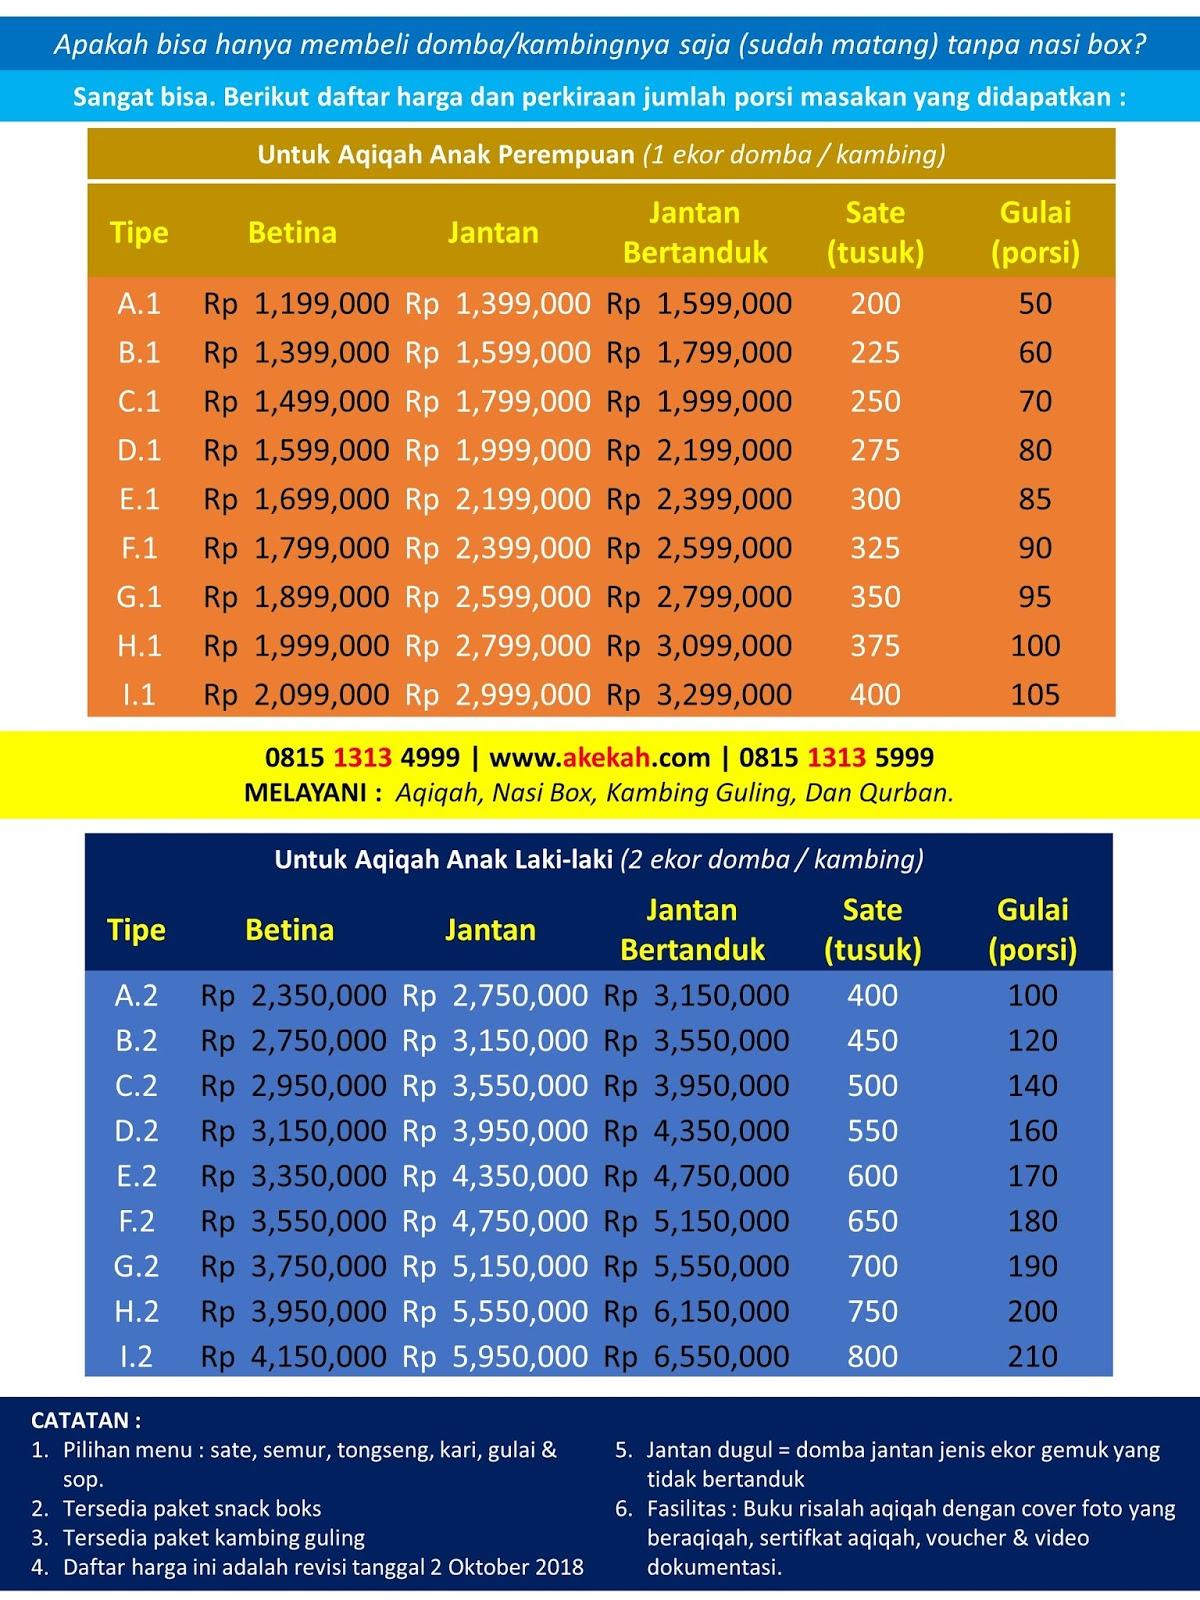 Harga Akikah Untuk Laki-Laki Wilayah Kecamatan Tenjo Kabupaten Bogor Jawa Barat